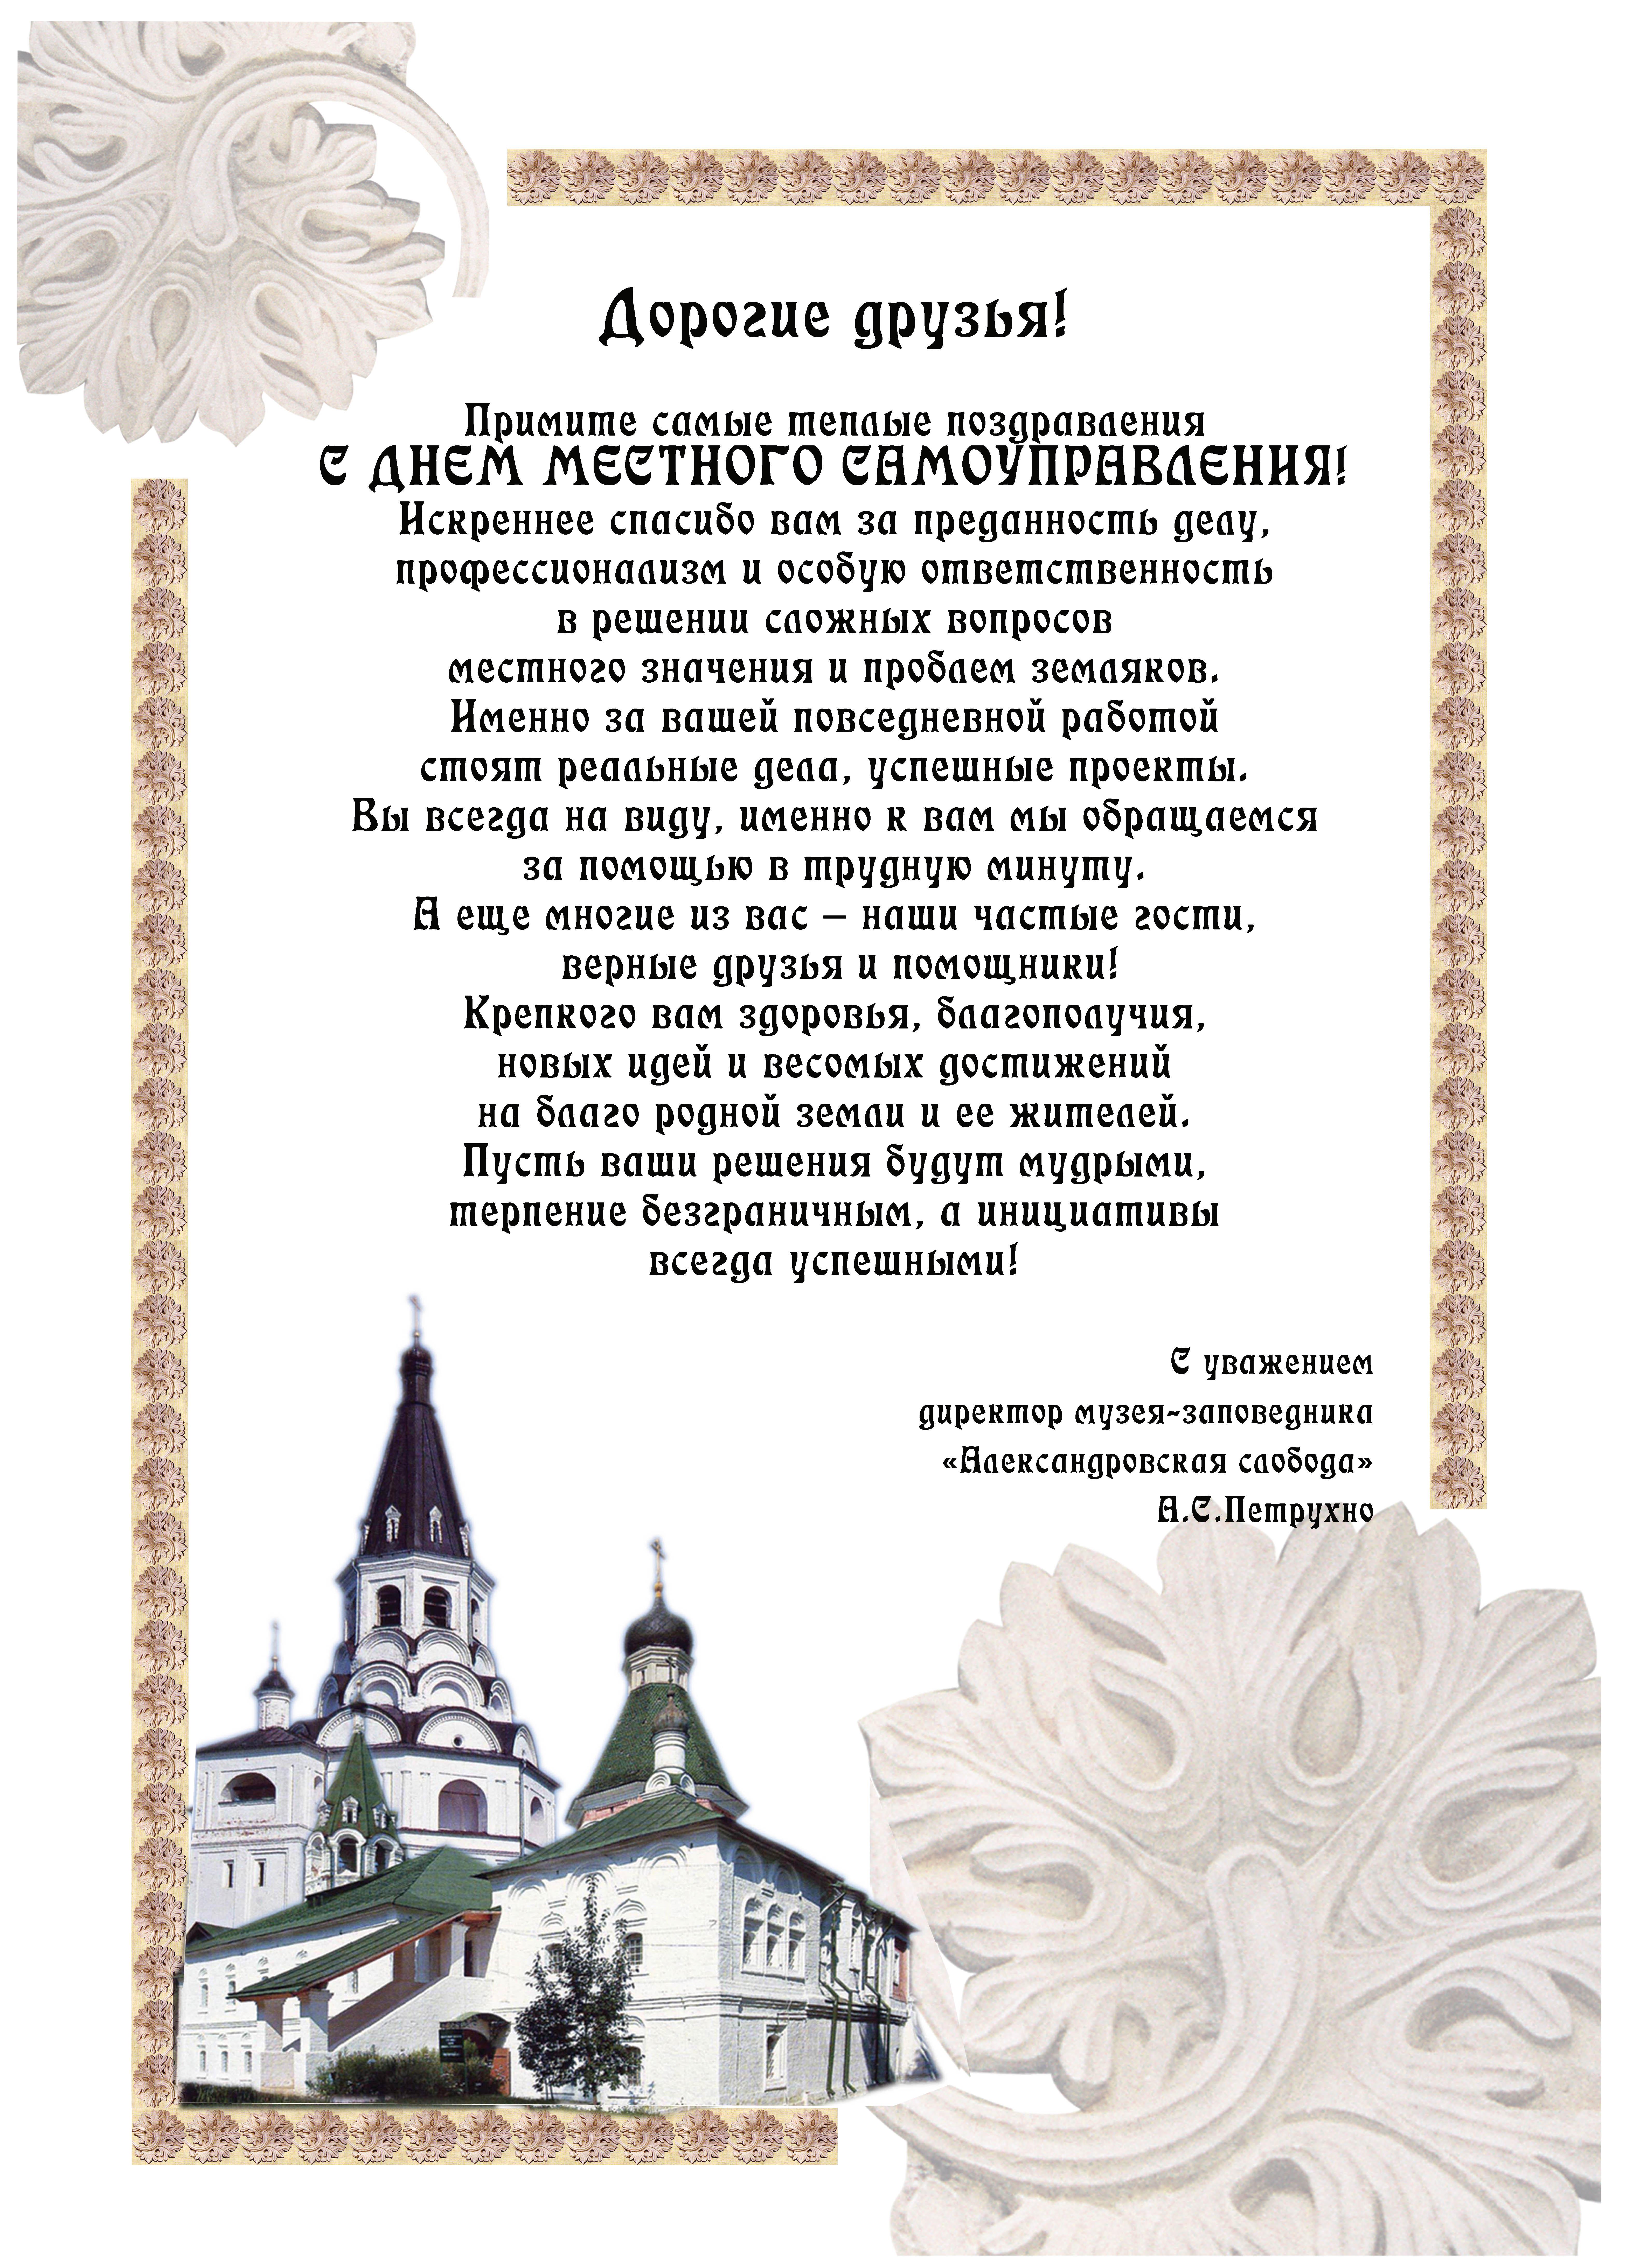 александров дк юбилейный схема зала